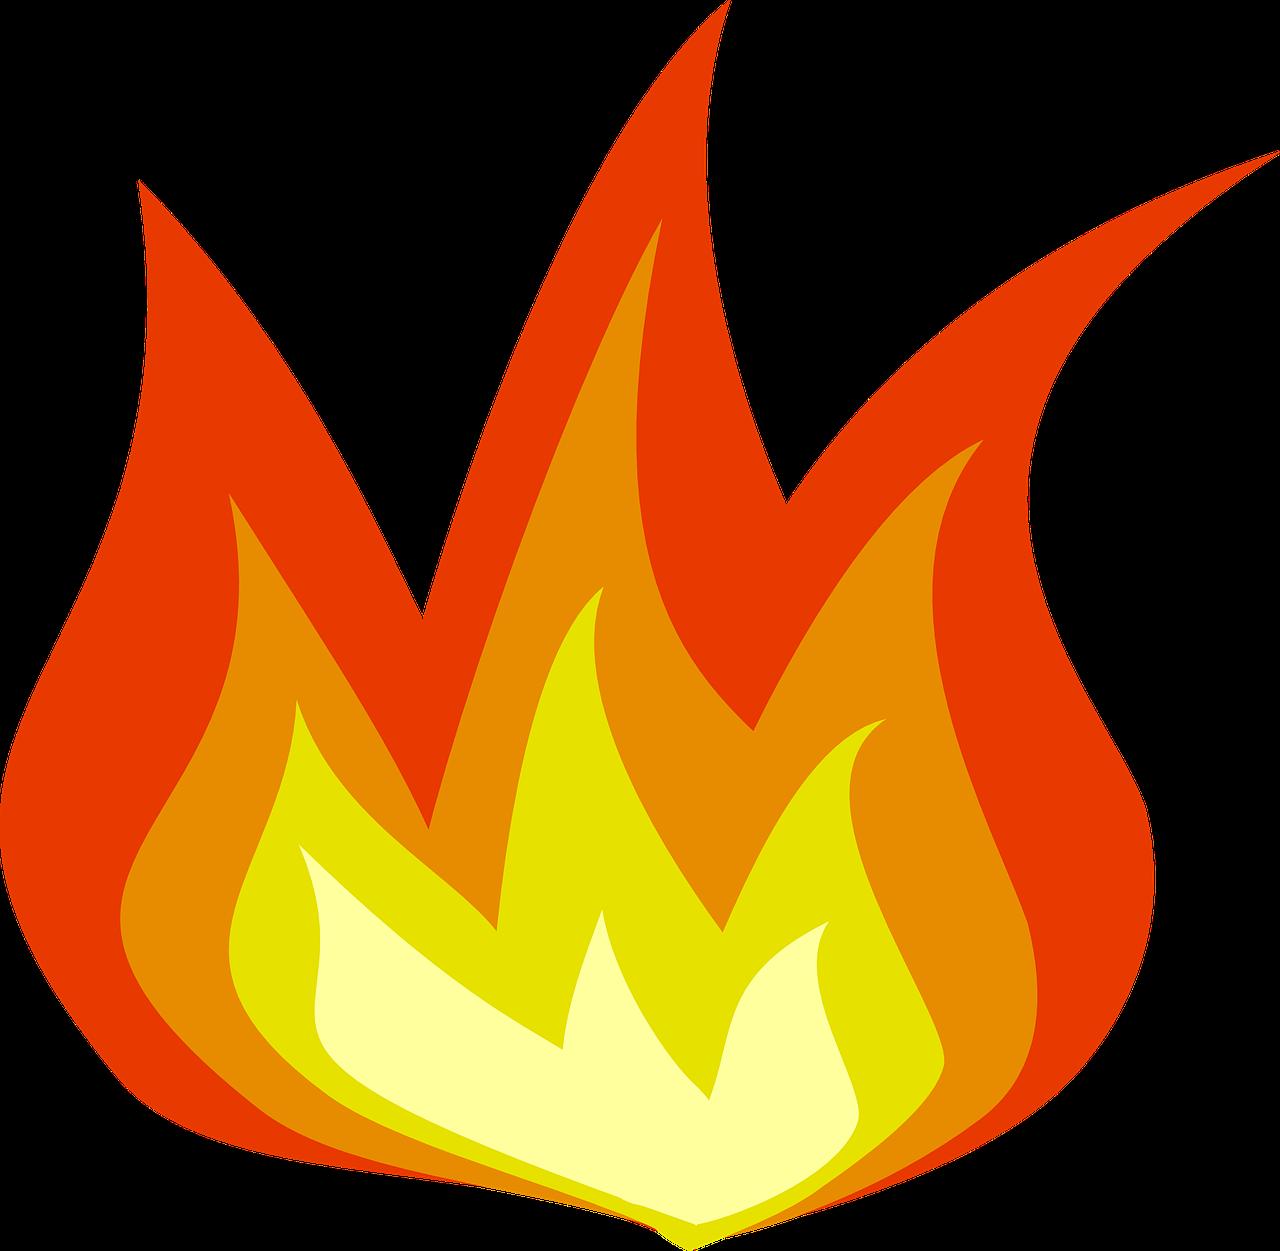 Пламя рисунок для детей